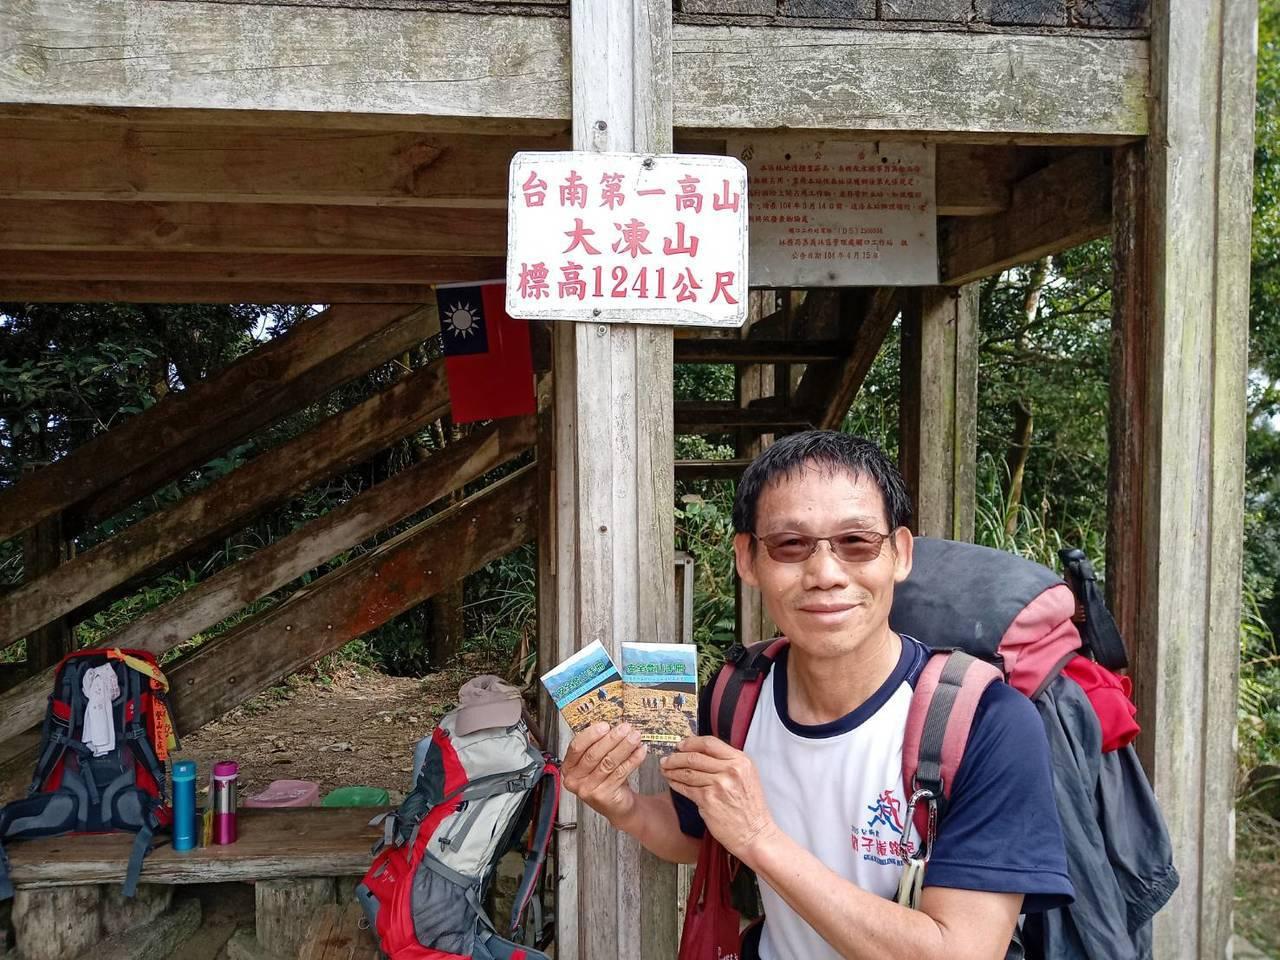 丁博慶自行編撰「安全登山手冊」,7年多來發送上萬冊,傳承登山知識外,更期待每個人...